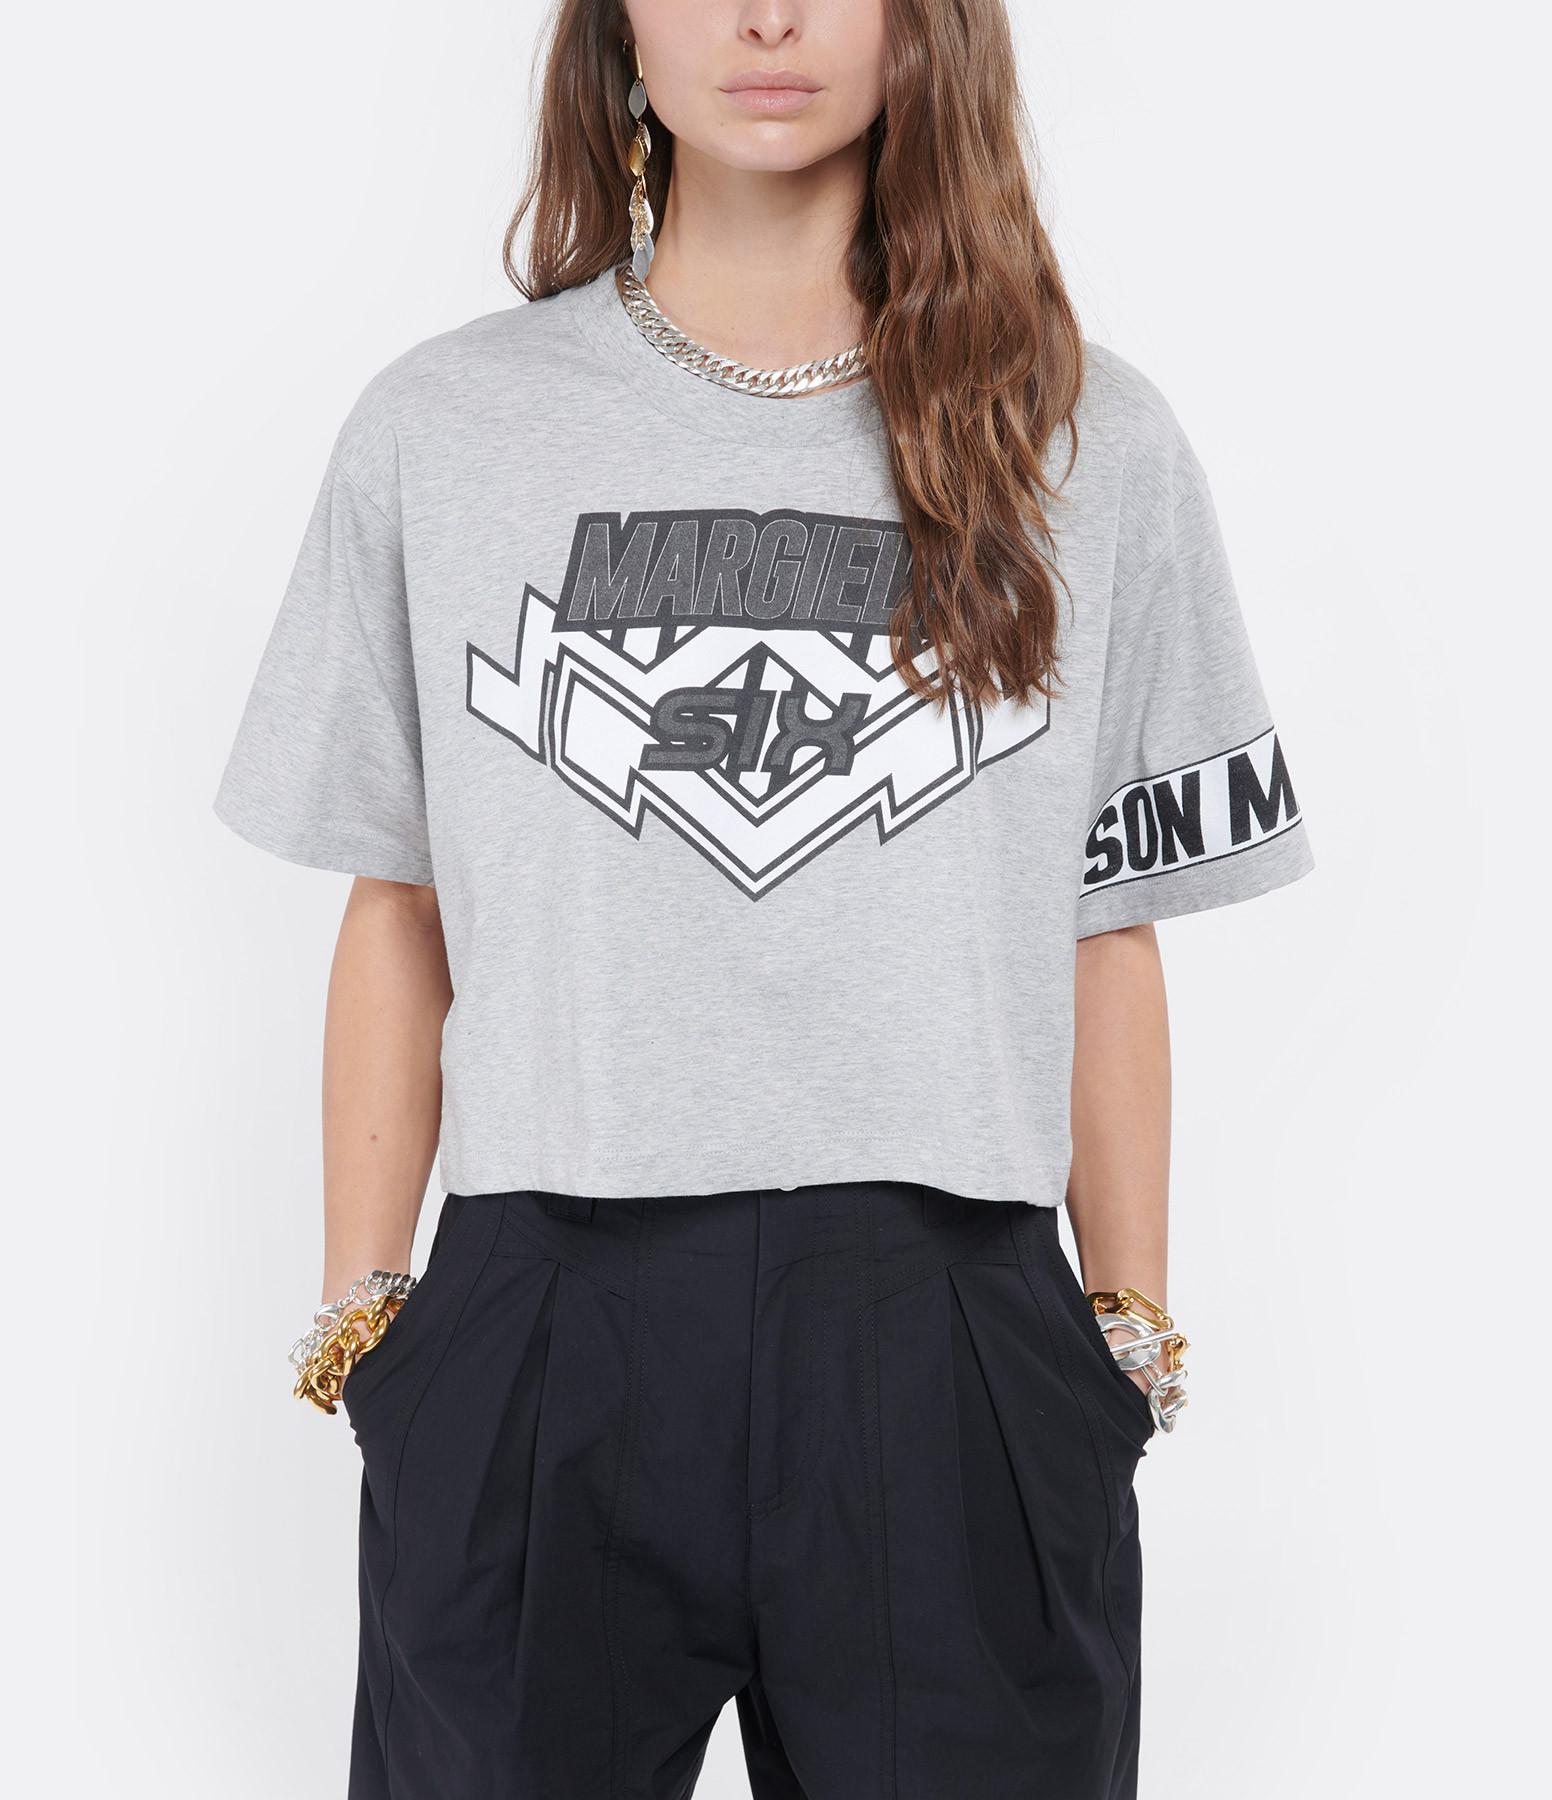 MM6 MAISON MARGIELA - Tee-shirt Rettangular Jersey Gris